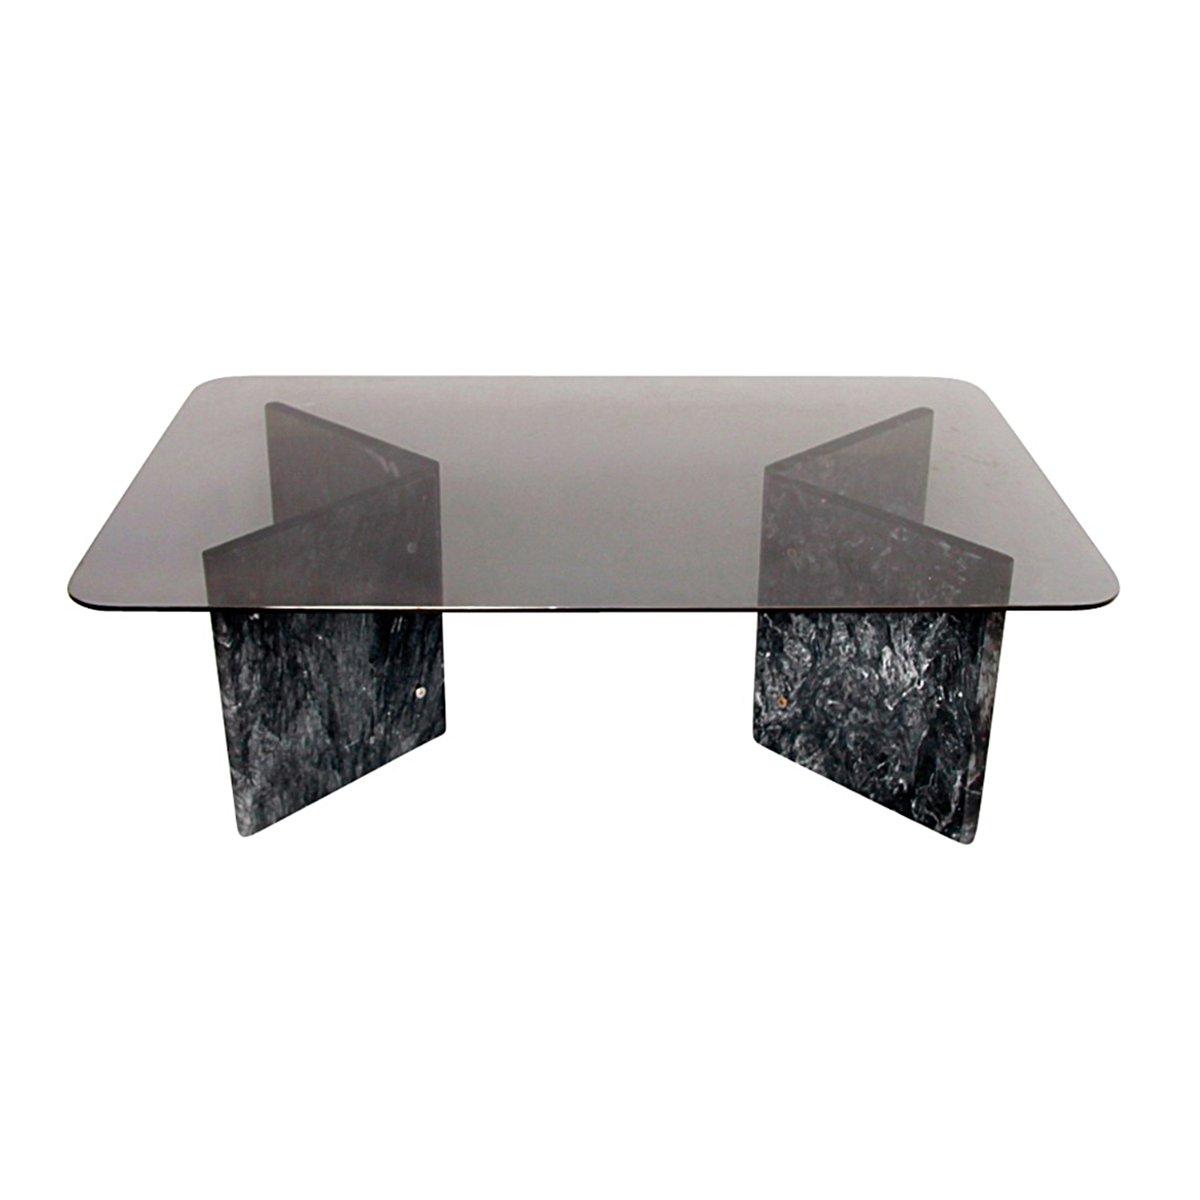 couchtisch aus schwarzem carrara marmor glas 1980er bei pamono kaufen. Black Bedroom Furniture Sets. Home Design Ideas